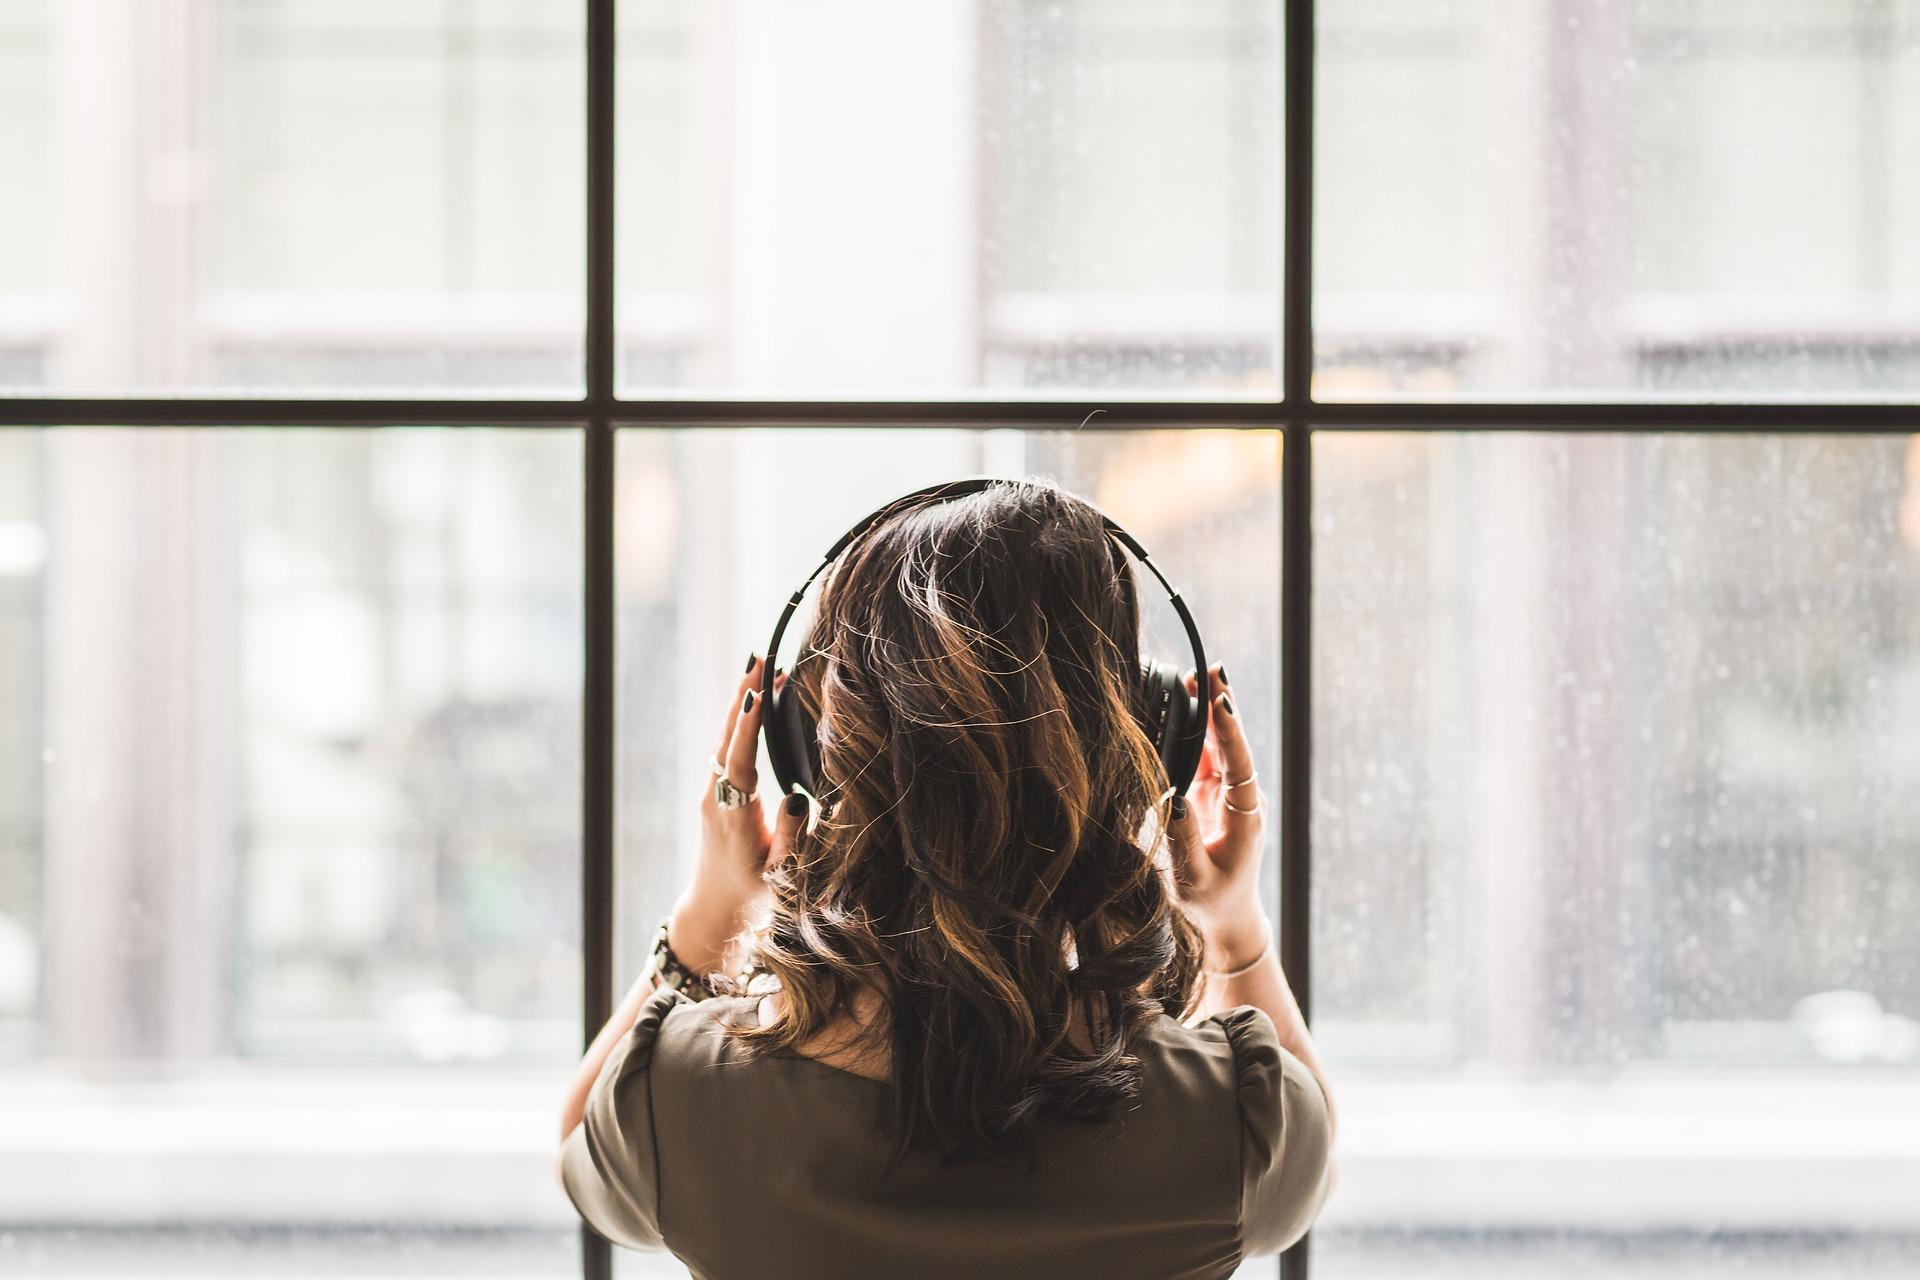 De costas, moça usa fone de ouvido modelo headphone